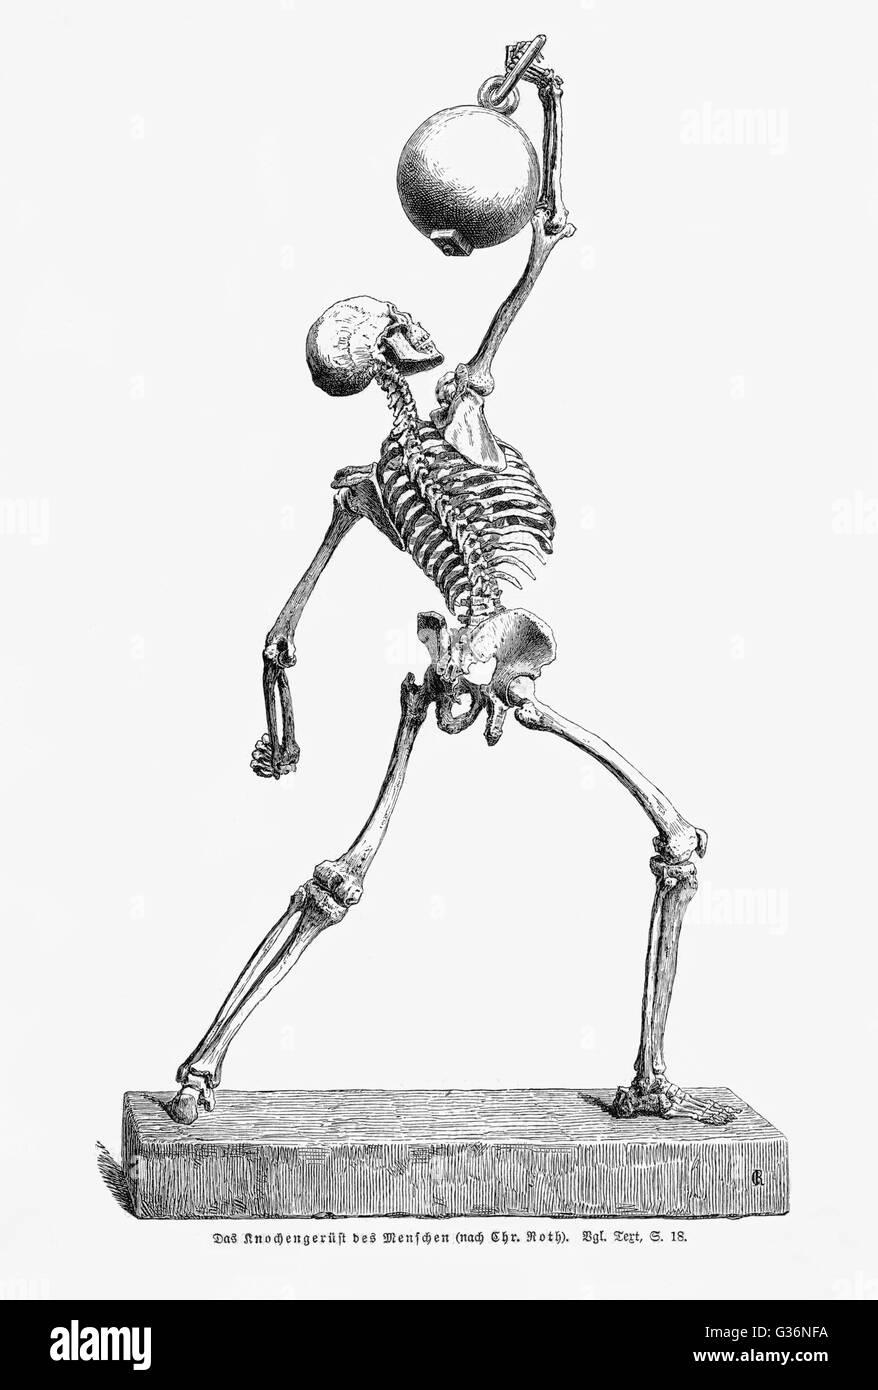 Ein menschliches Skelett in Bewegung, halten eines schweren Gegenstandes über seinem Kopf.            Datum: Stockbild